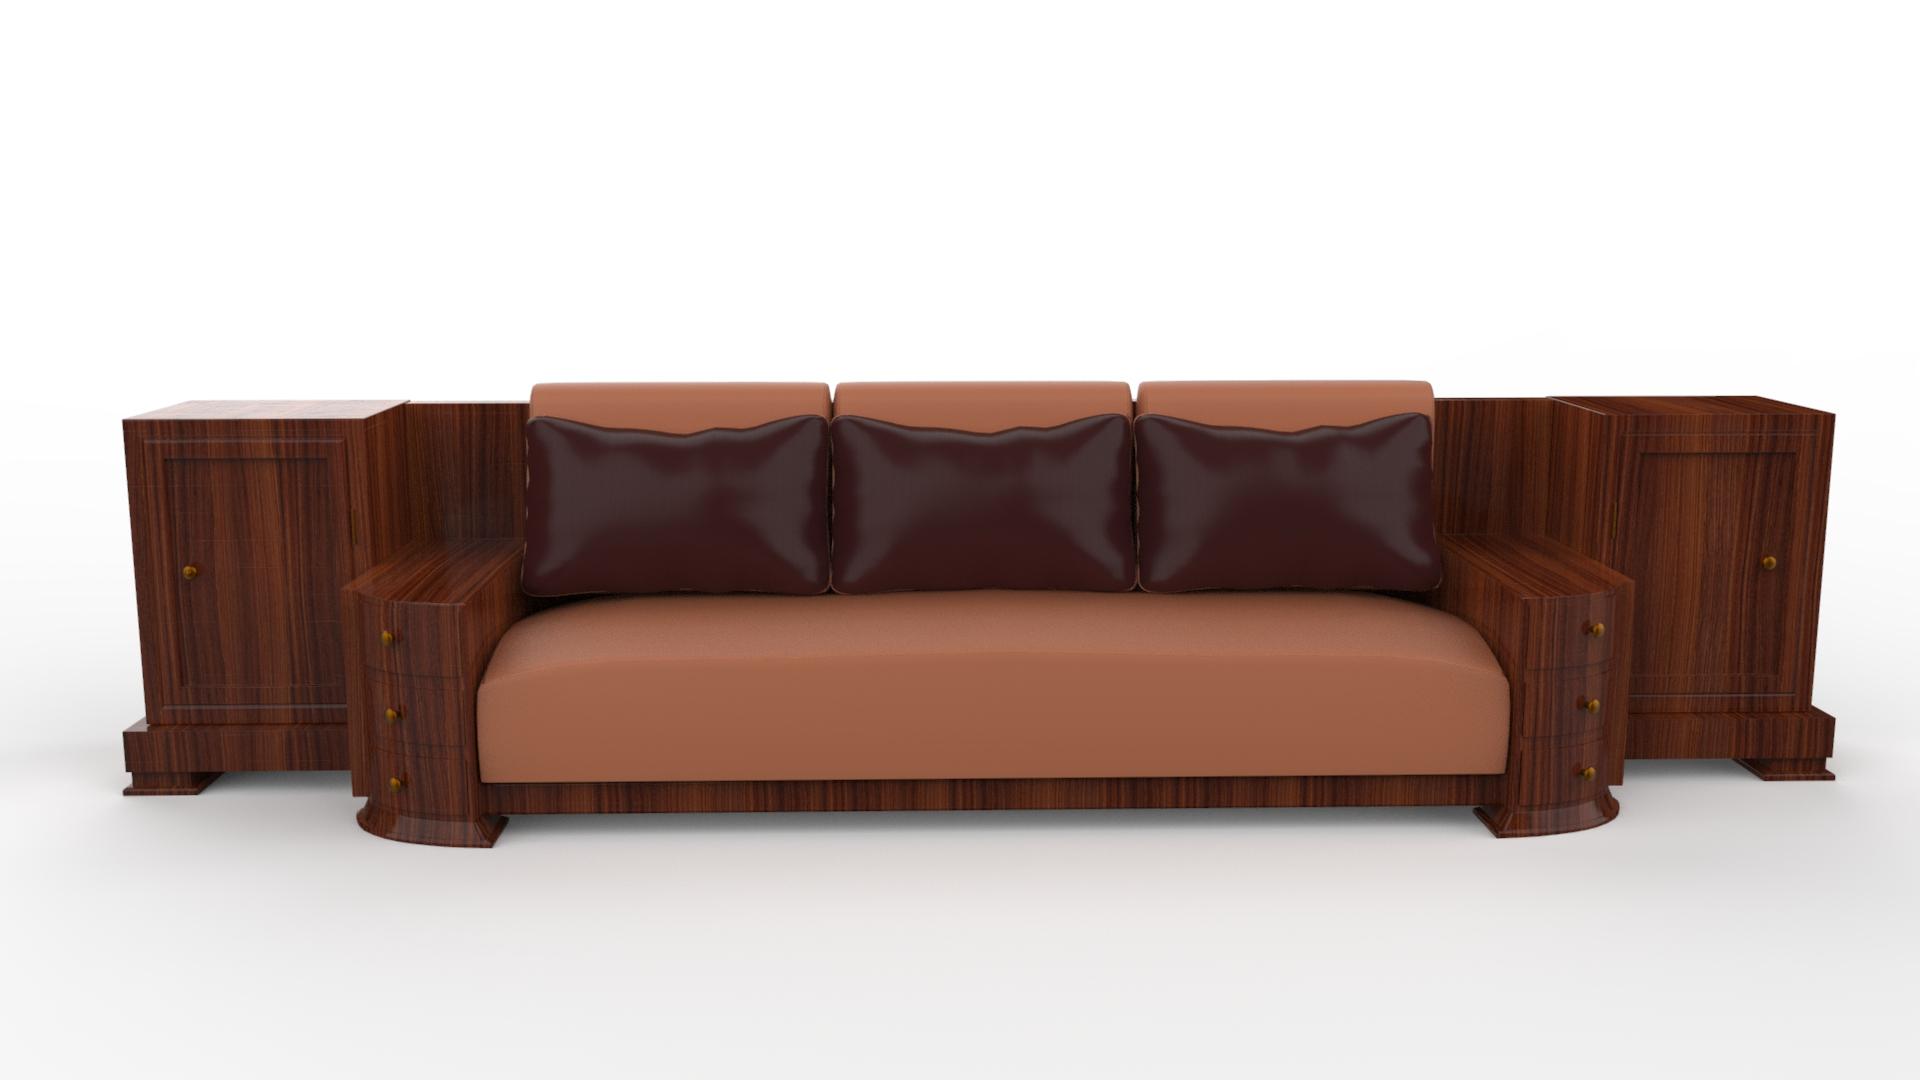 Grosses Walnuss Art Deco Sofa Original Antike Mobel